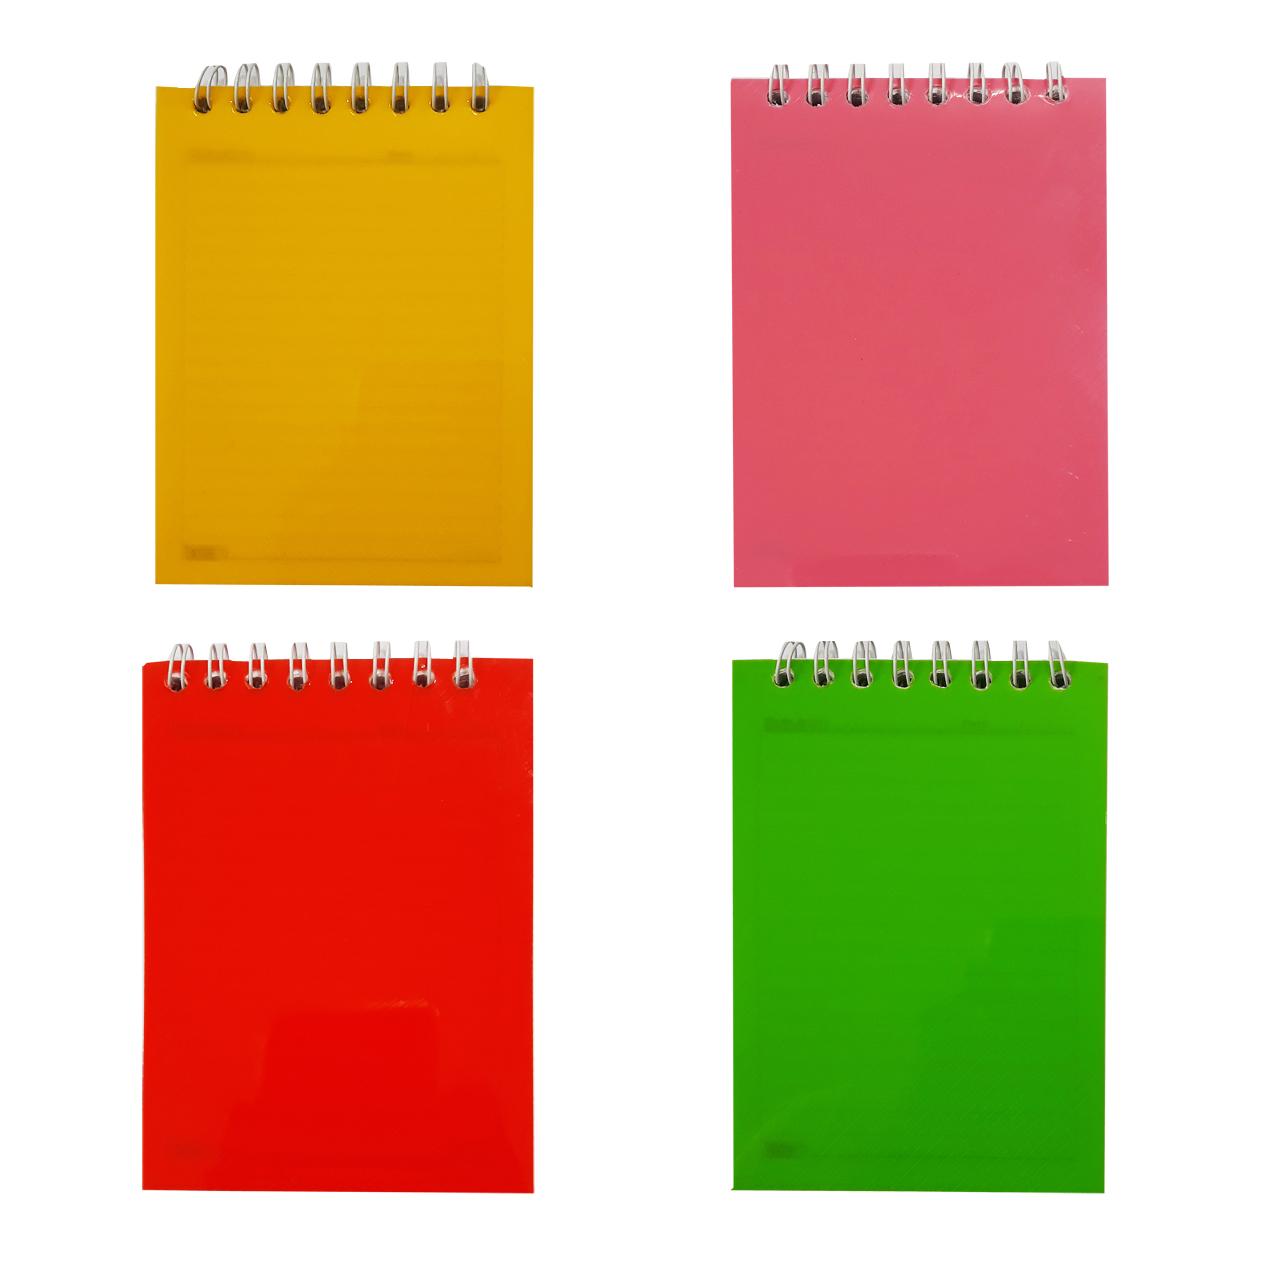 دفترچه یادداشت 60 برگ تکنو کد T32 بسته 4 عددی